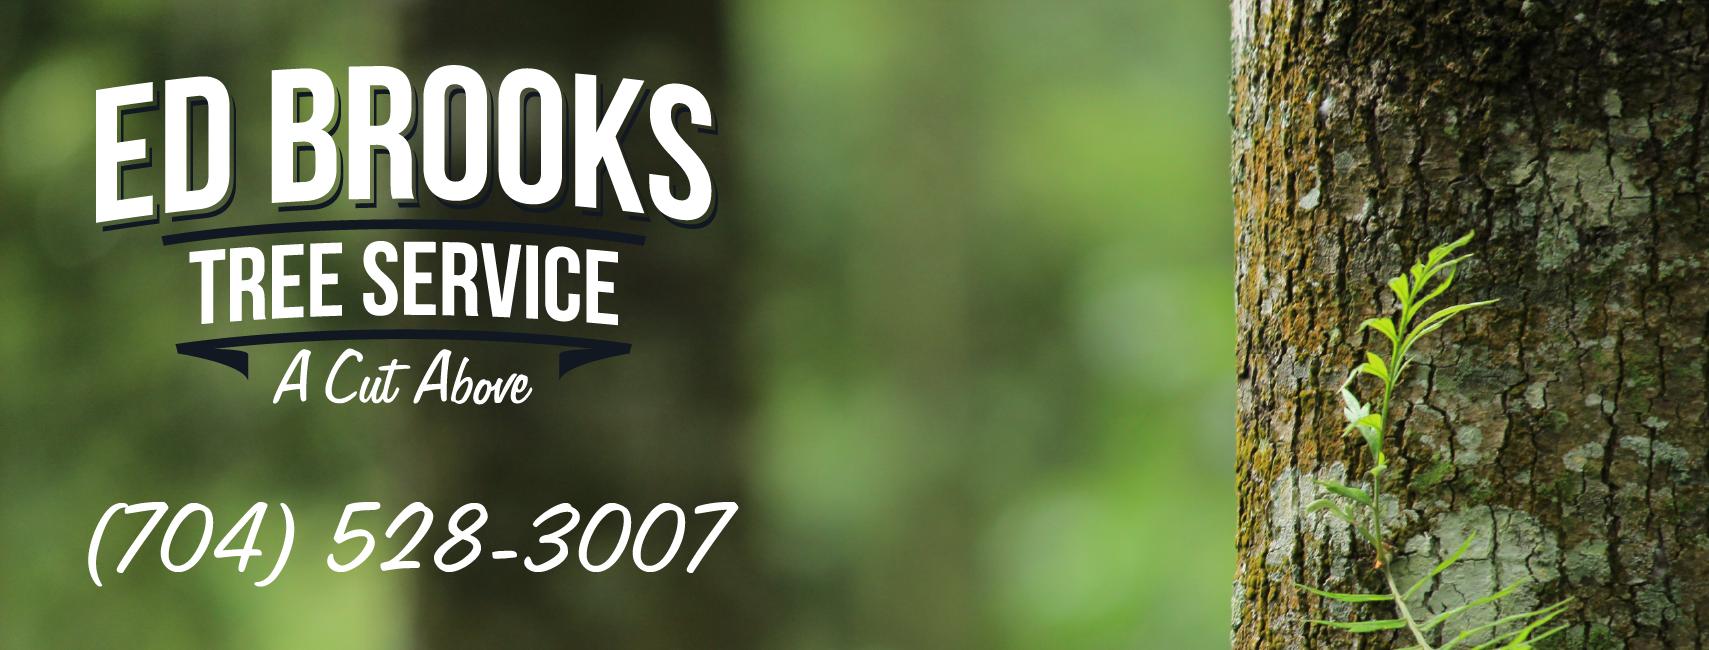 Rebranding for Ed Brooks Tree Service